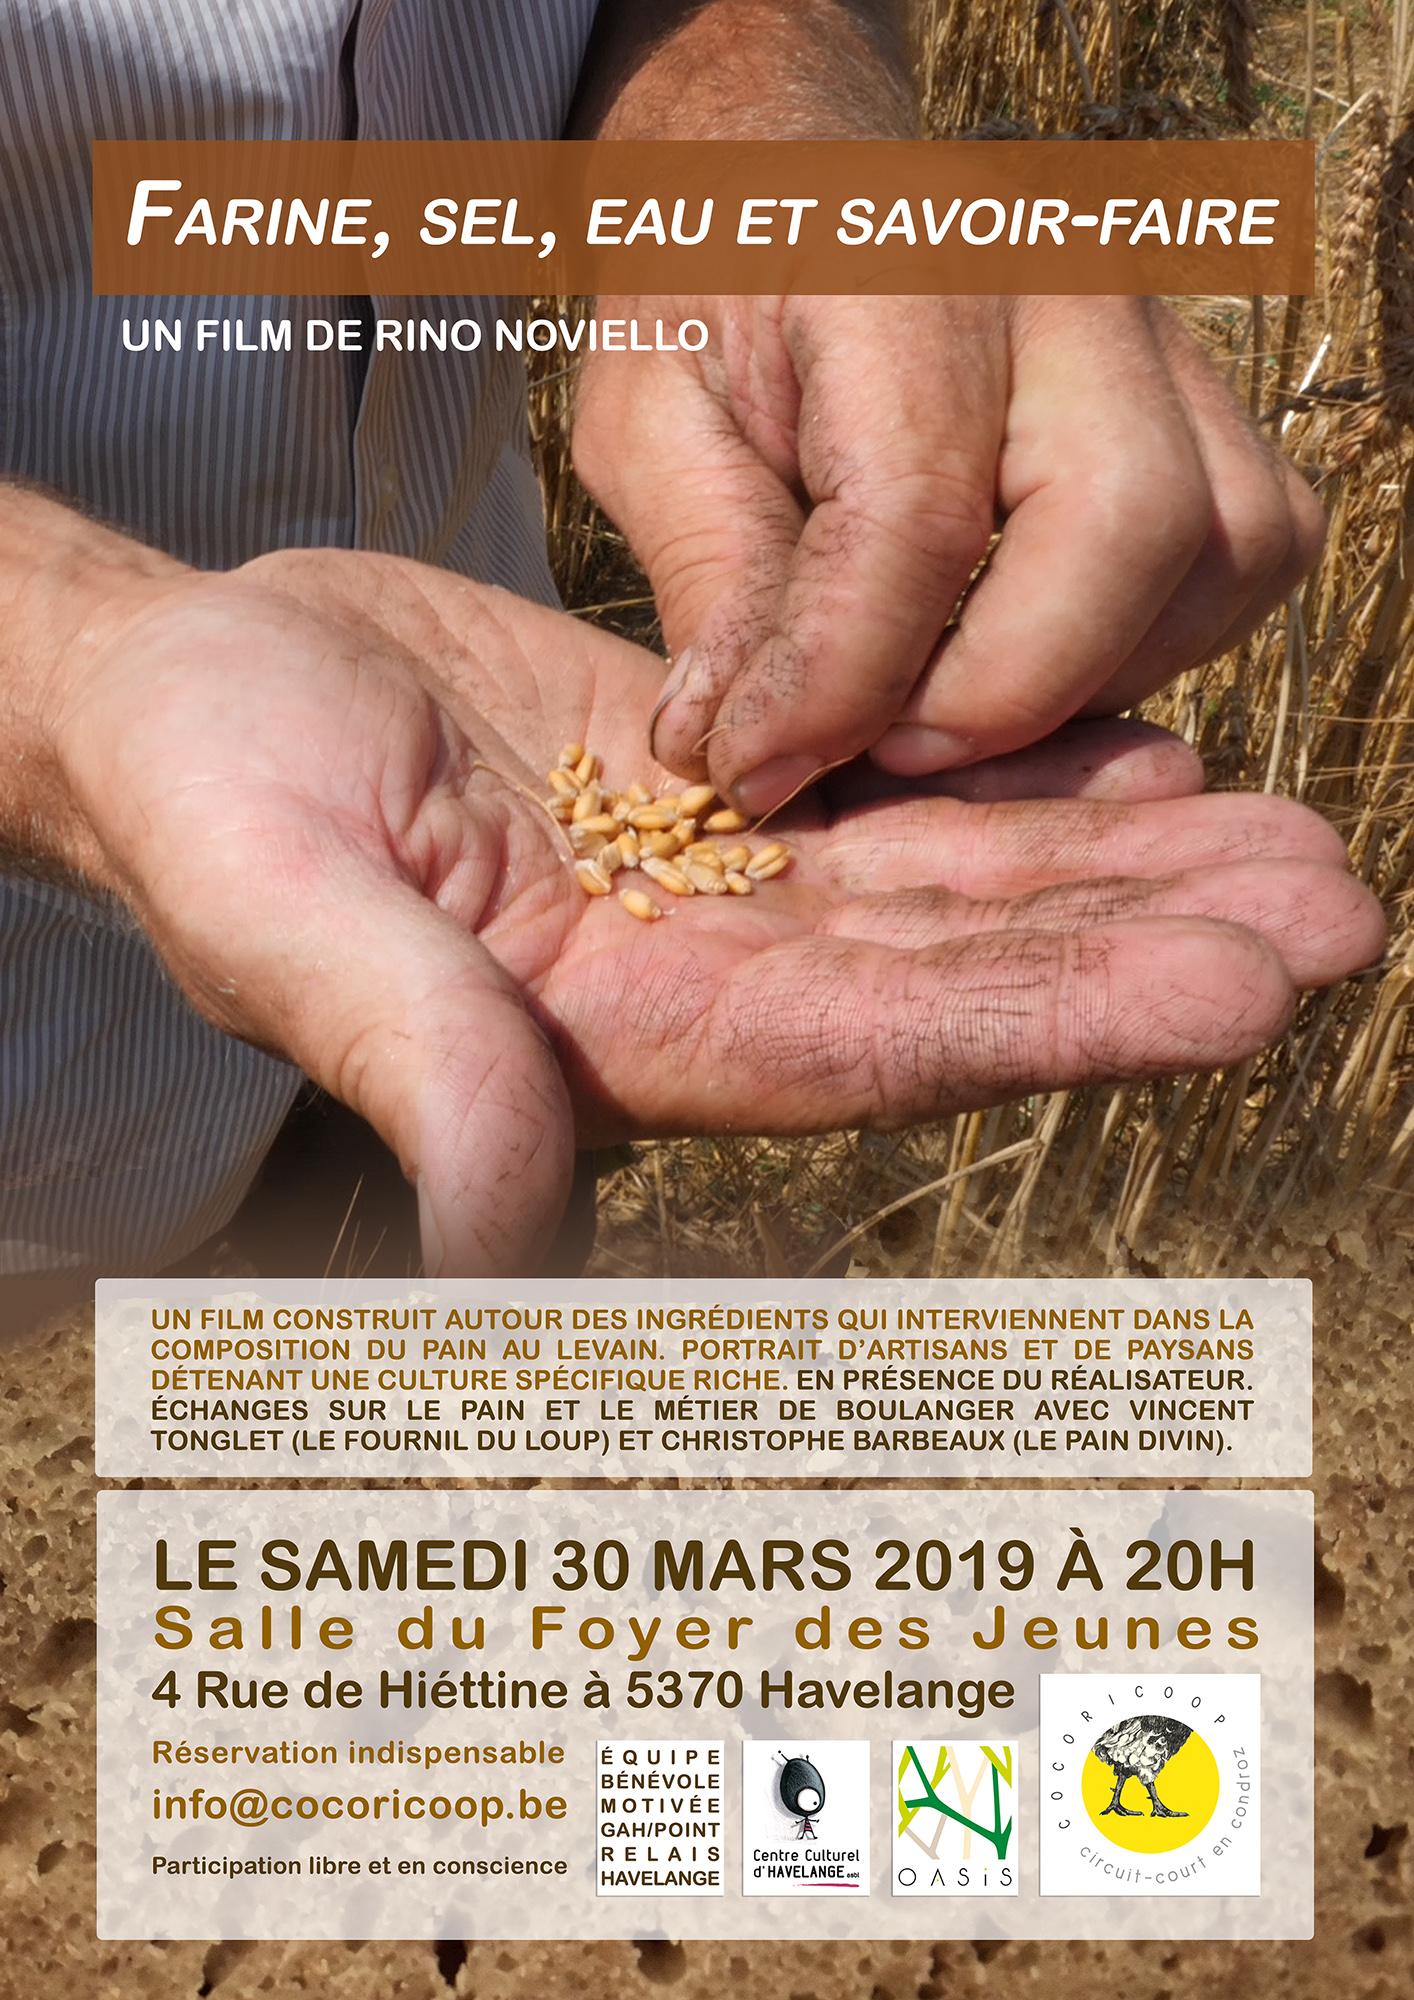 """Projection du film """"Farine, sel, eau et savoir-faire"""" le samedi 30 mars 2019 à Havelange"""